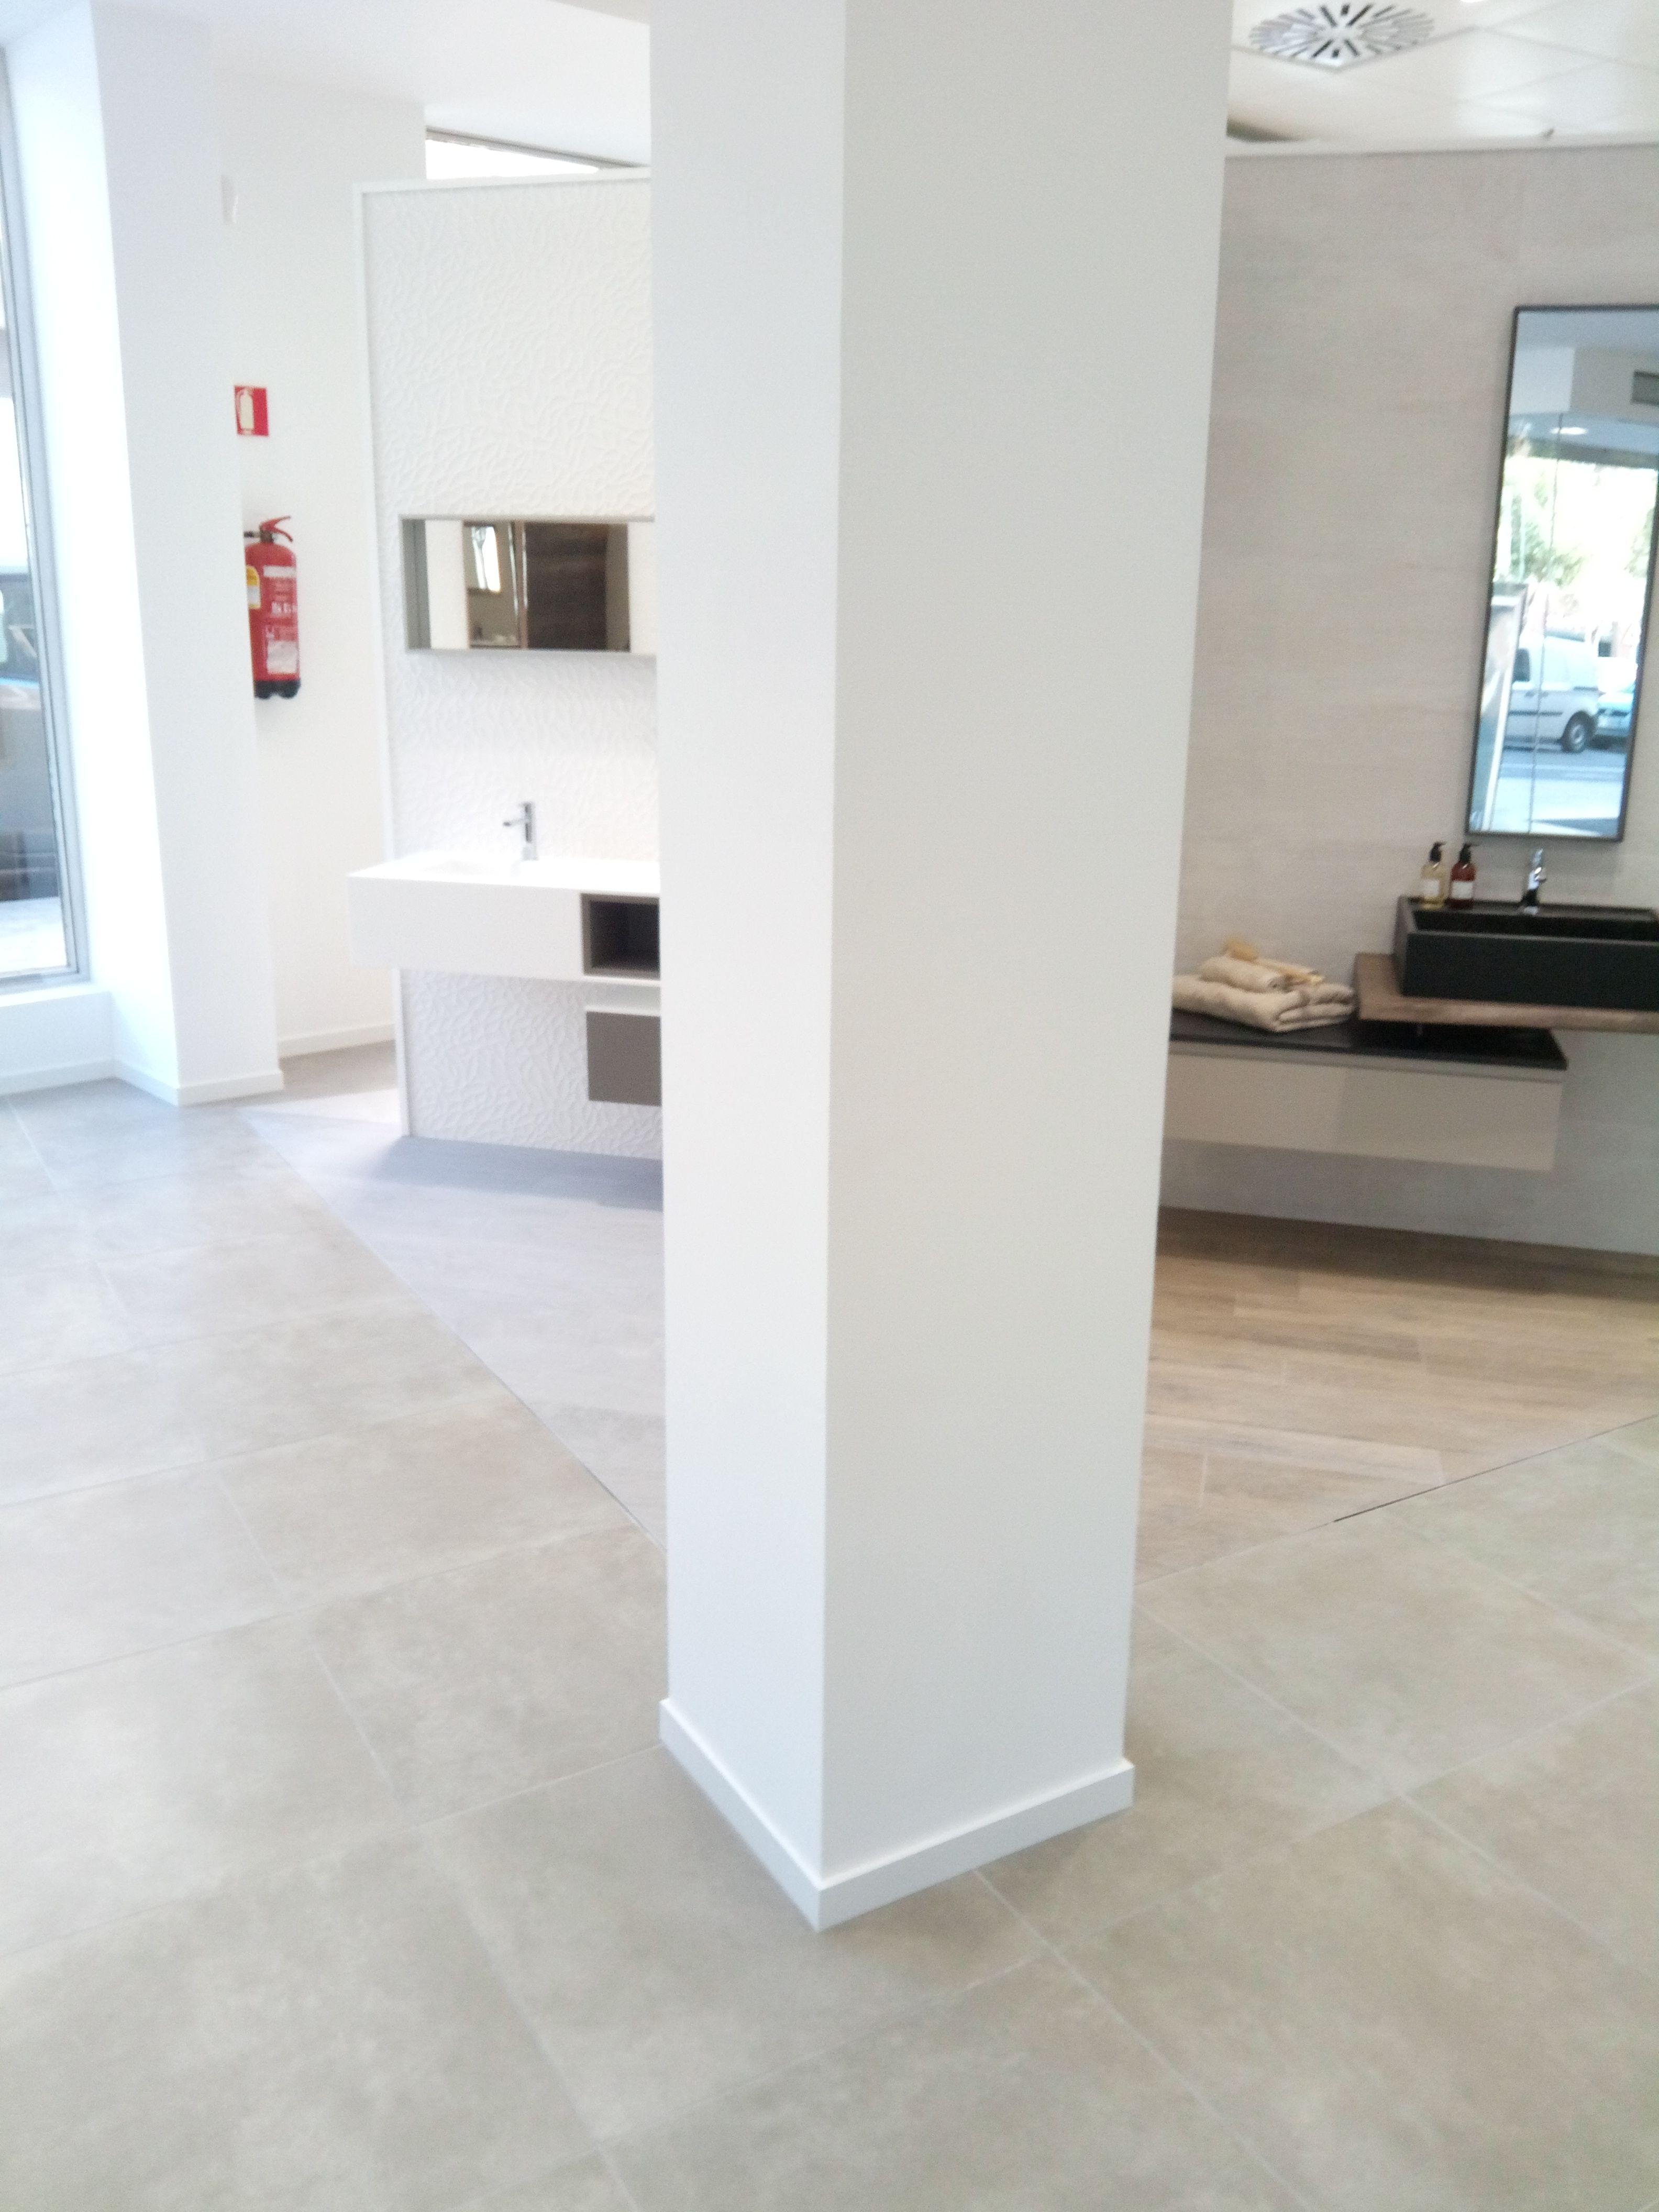 Foto 48 de Aislamientos acústicos y térmicos en Almería | Acoustic Drywall